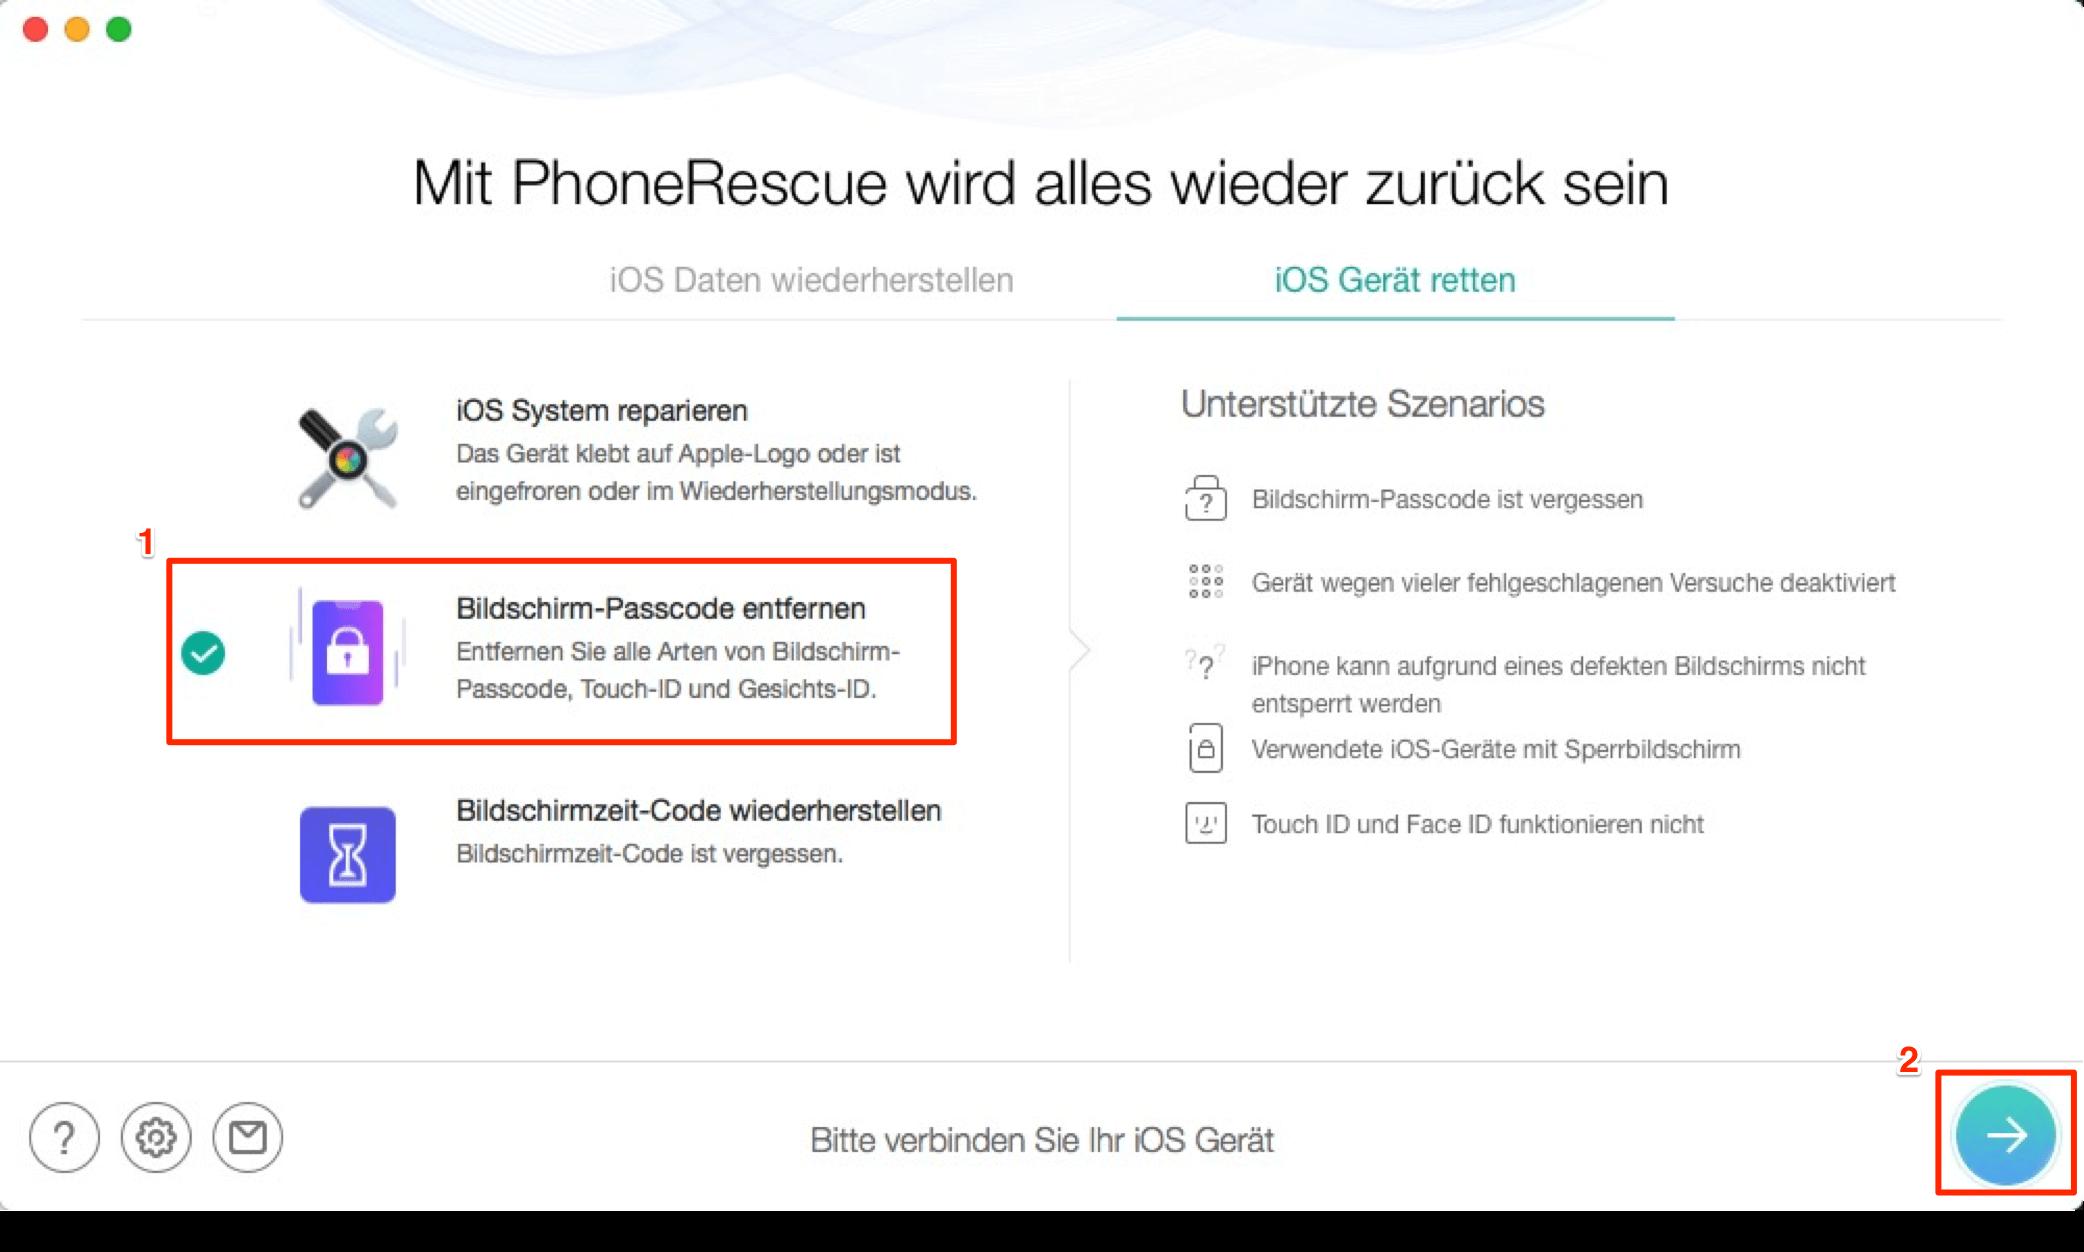 """Wählen Sie """"Bildschirm-Passcode entfernen"""" - Schritt 1"""